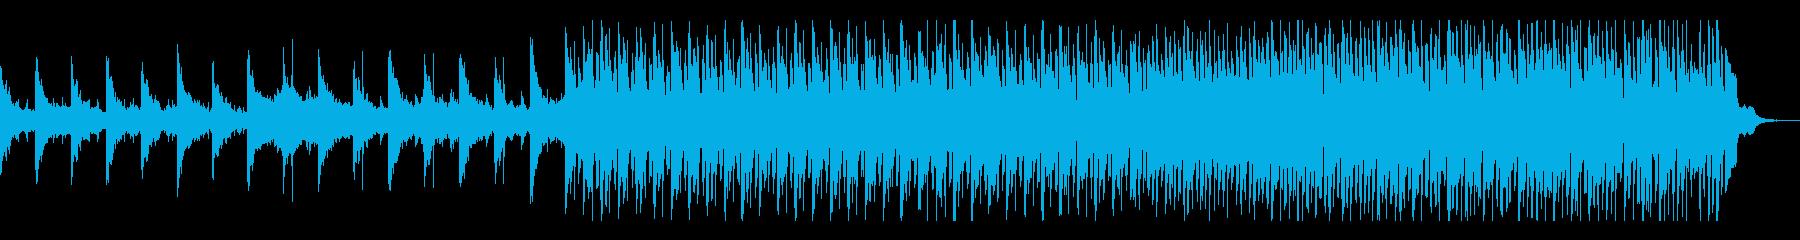 シンプルだけど流れが心地良い曲の再生済みの波形